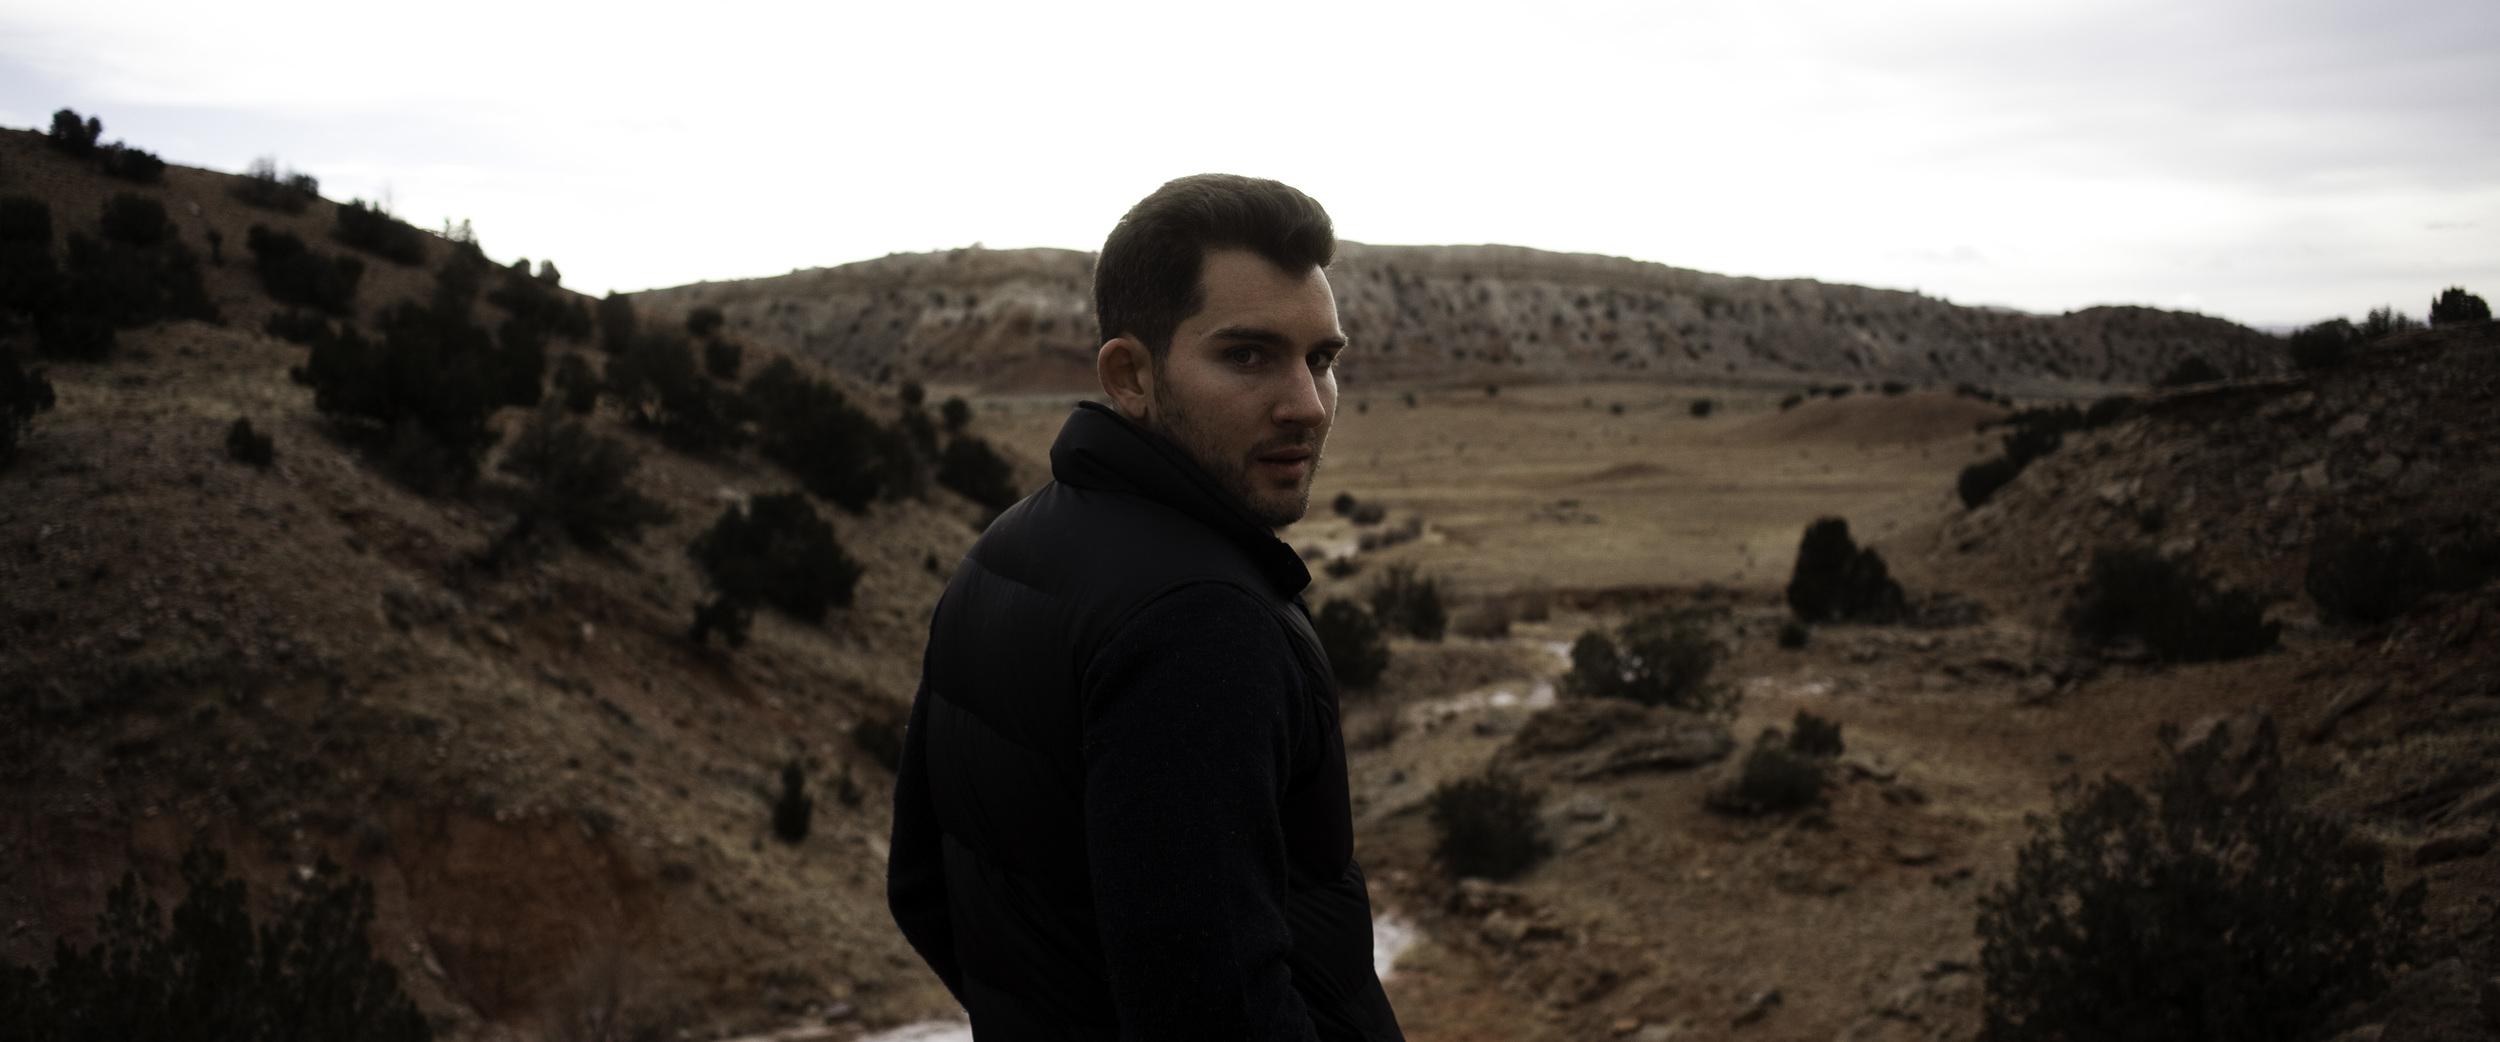 DP Laurence Vanicelli in Zia Pueblo